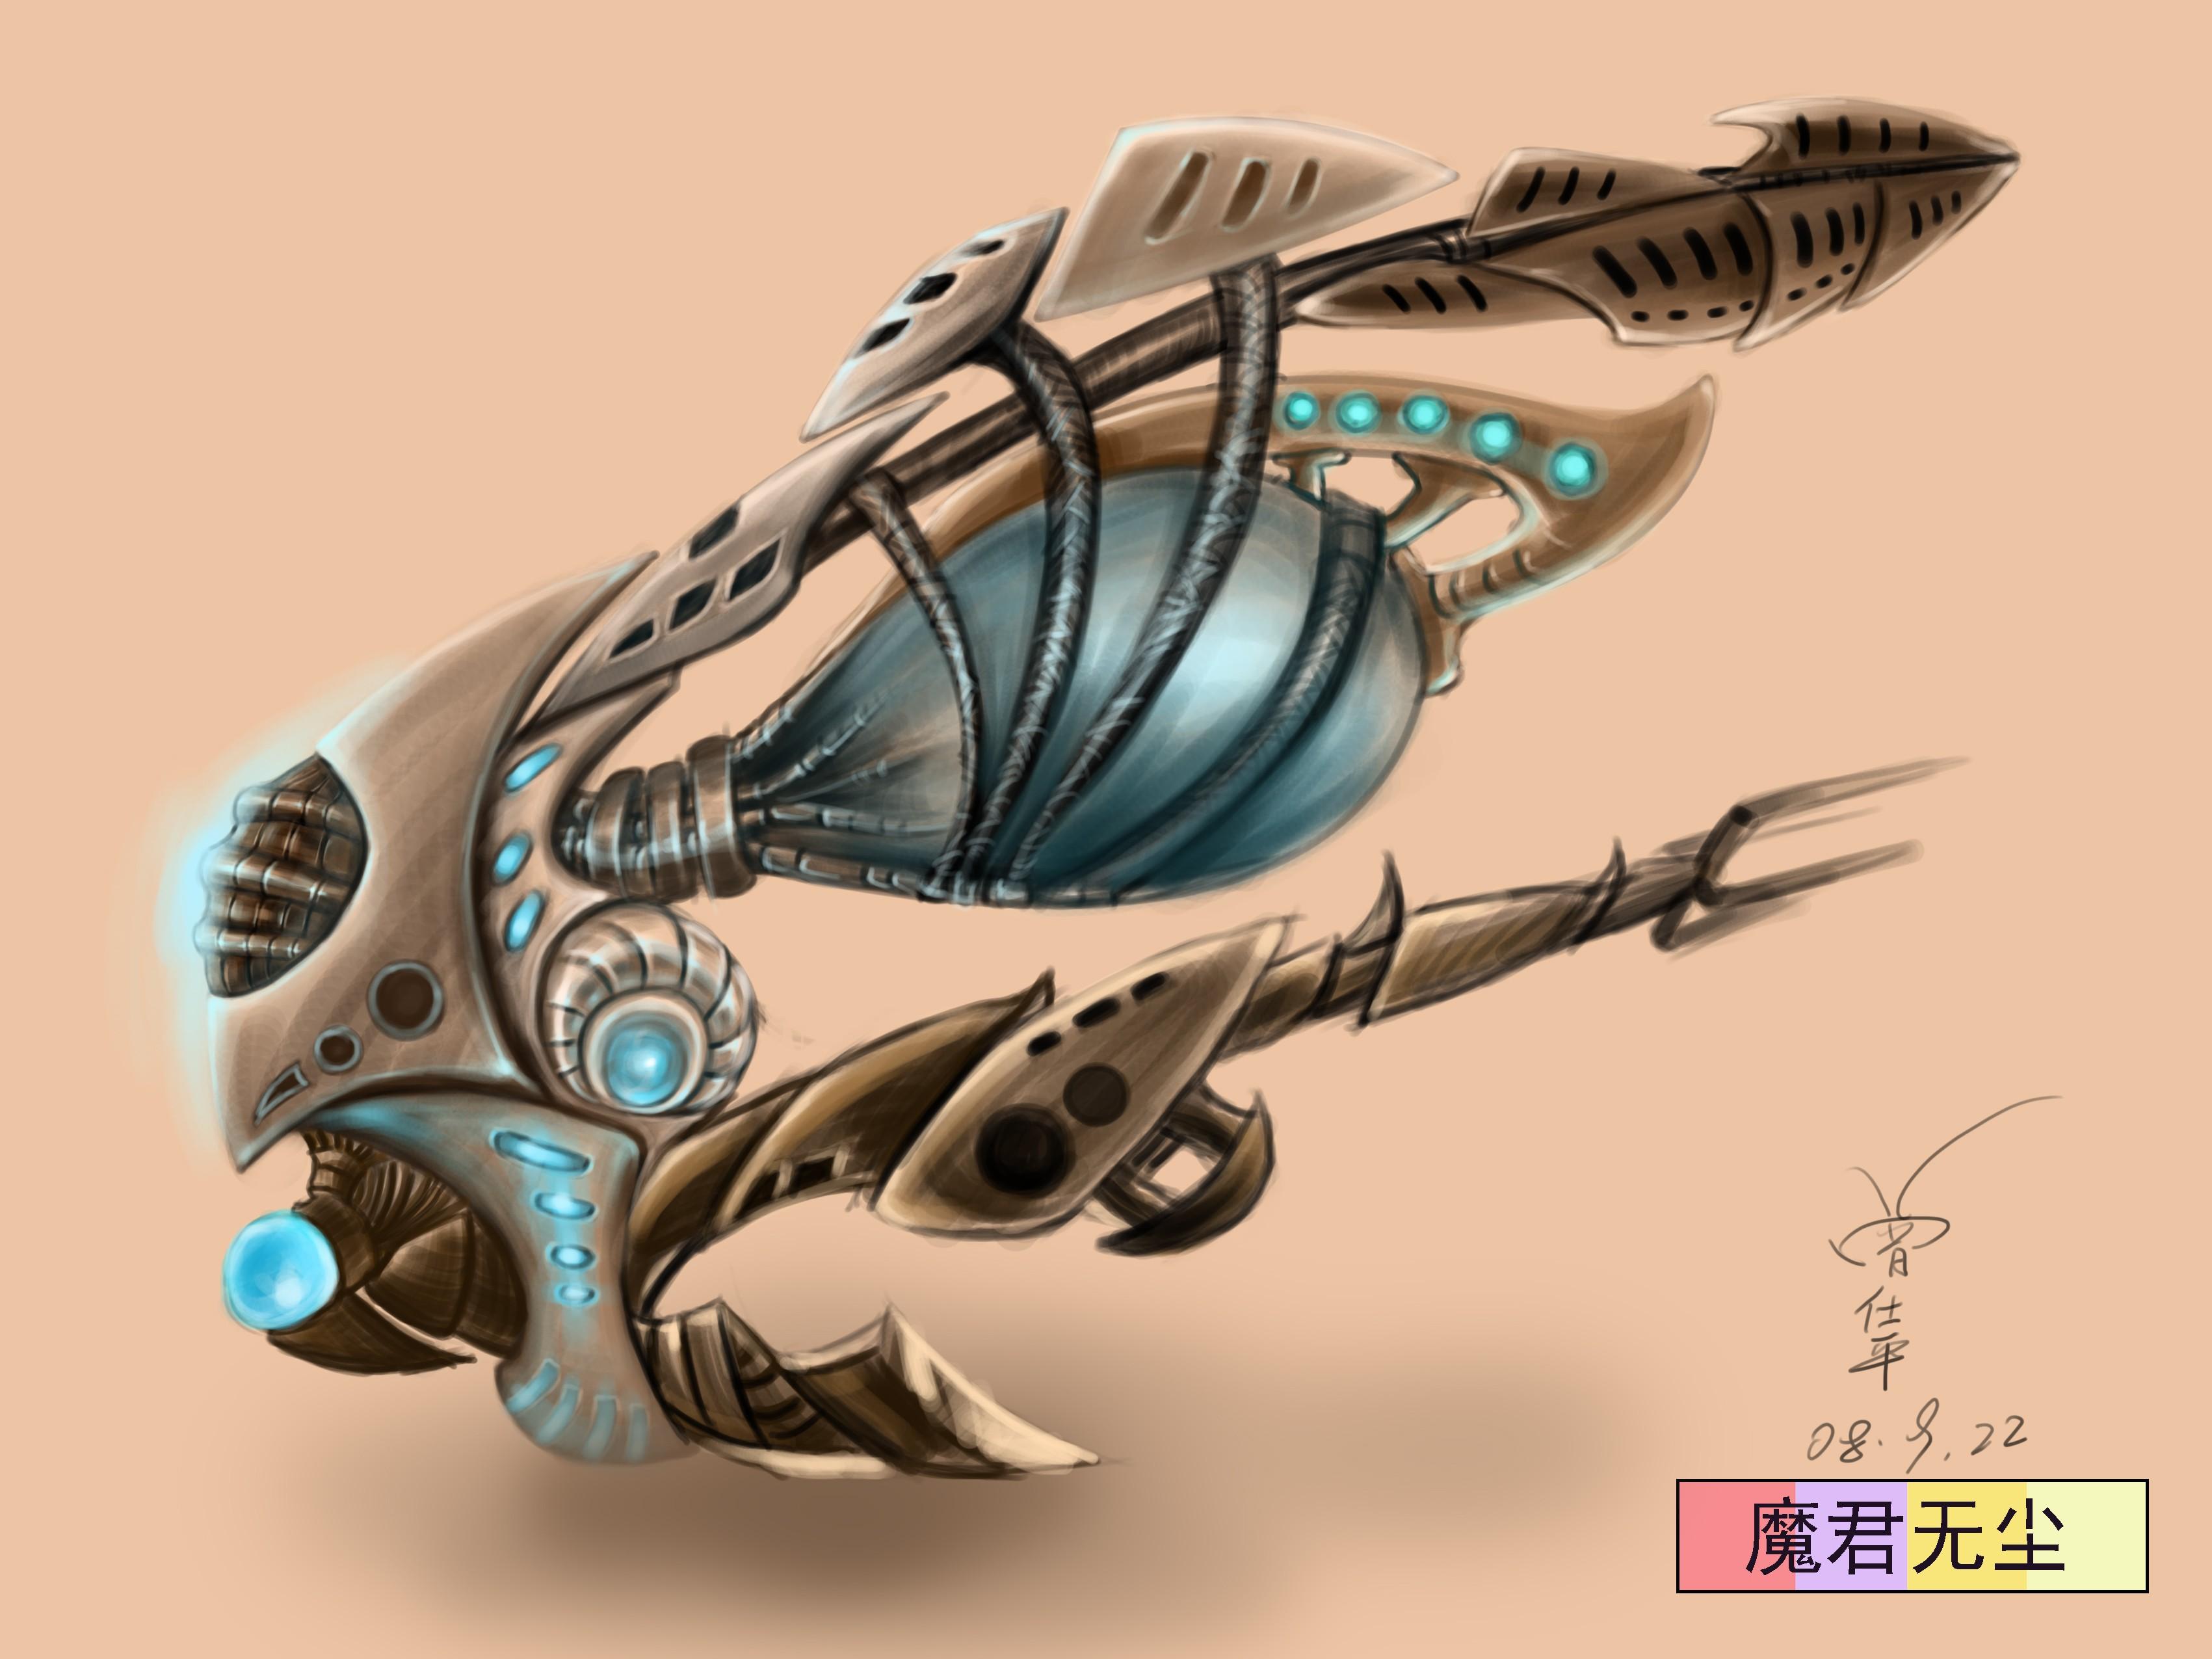 宇宙飞船简笔画主题画